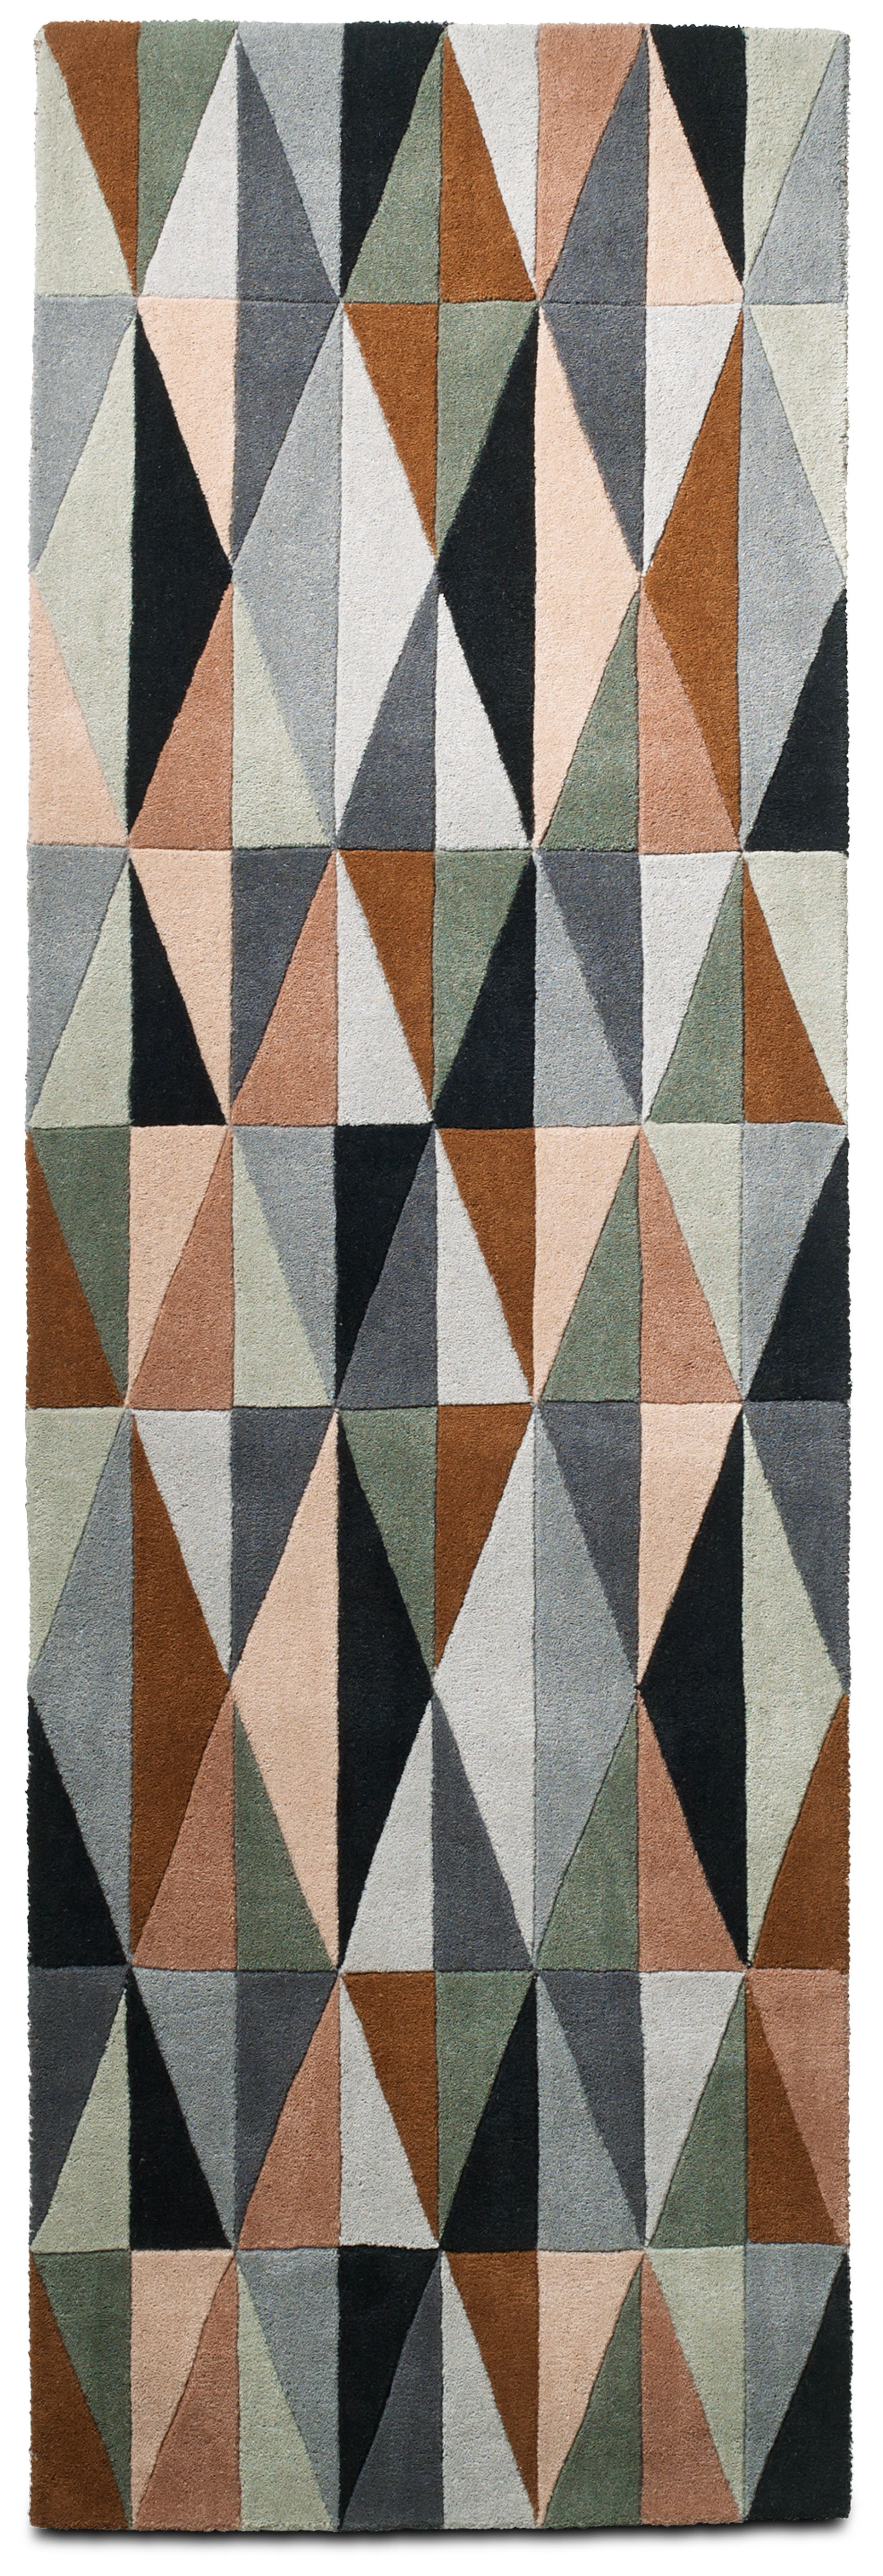 des tapis tendances disponibles en diff rentes tailles et mod les pour votre int rieur bo. Black Bedroom Furniture Sets. Home Design Ideas